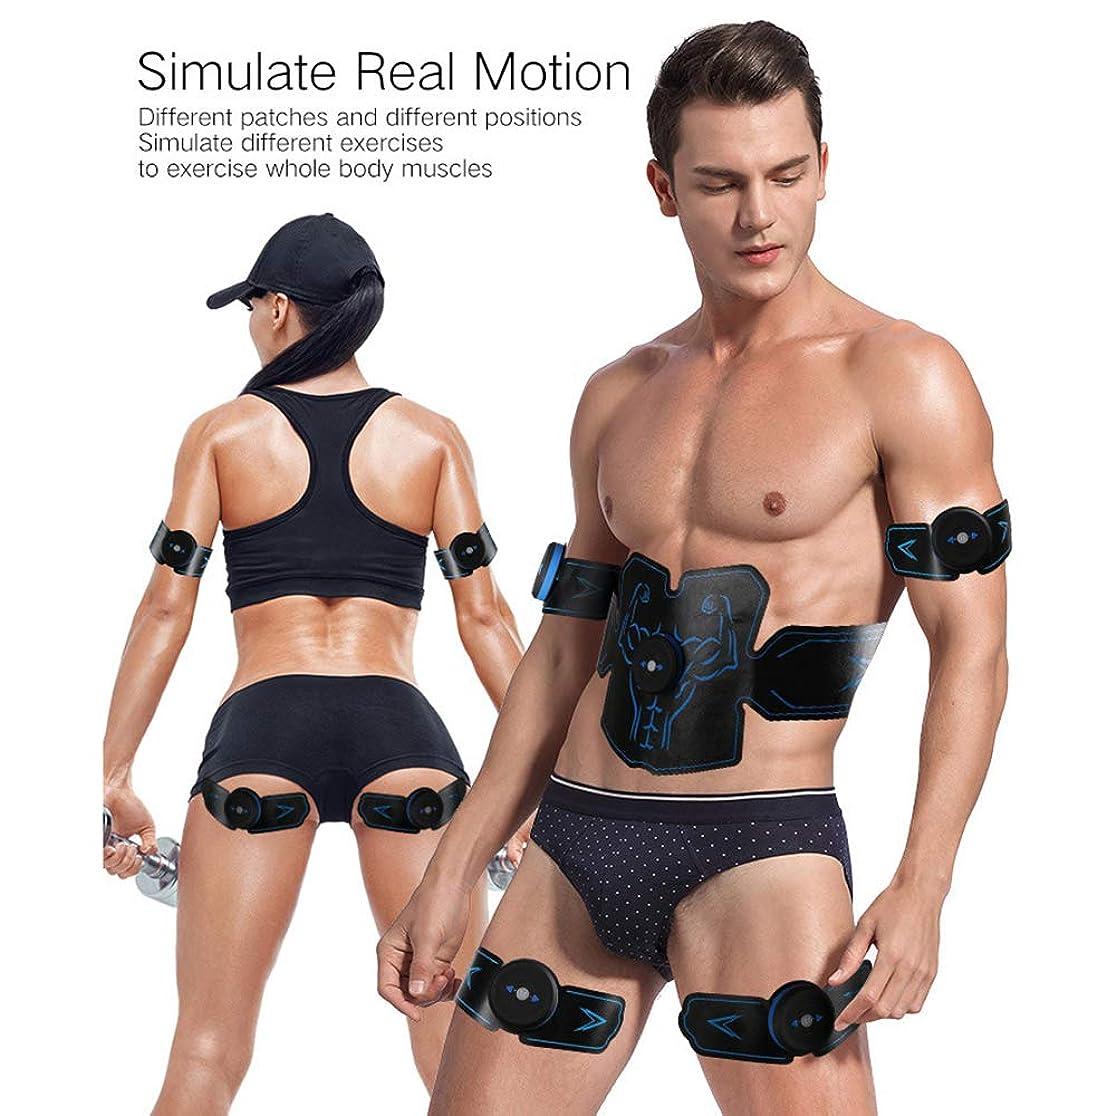 手獣ずらすフィットネスベルト腹筋ペーストEMS筋肉刺激装置ABS安全筋肉トレーナー体重減少マッサージ機器スポーツフィットネス機器ユニセックス